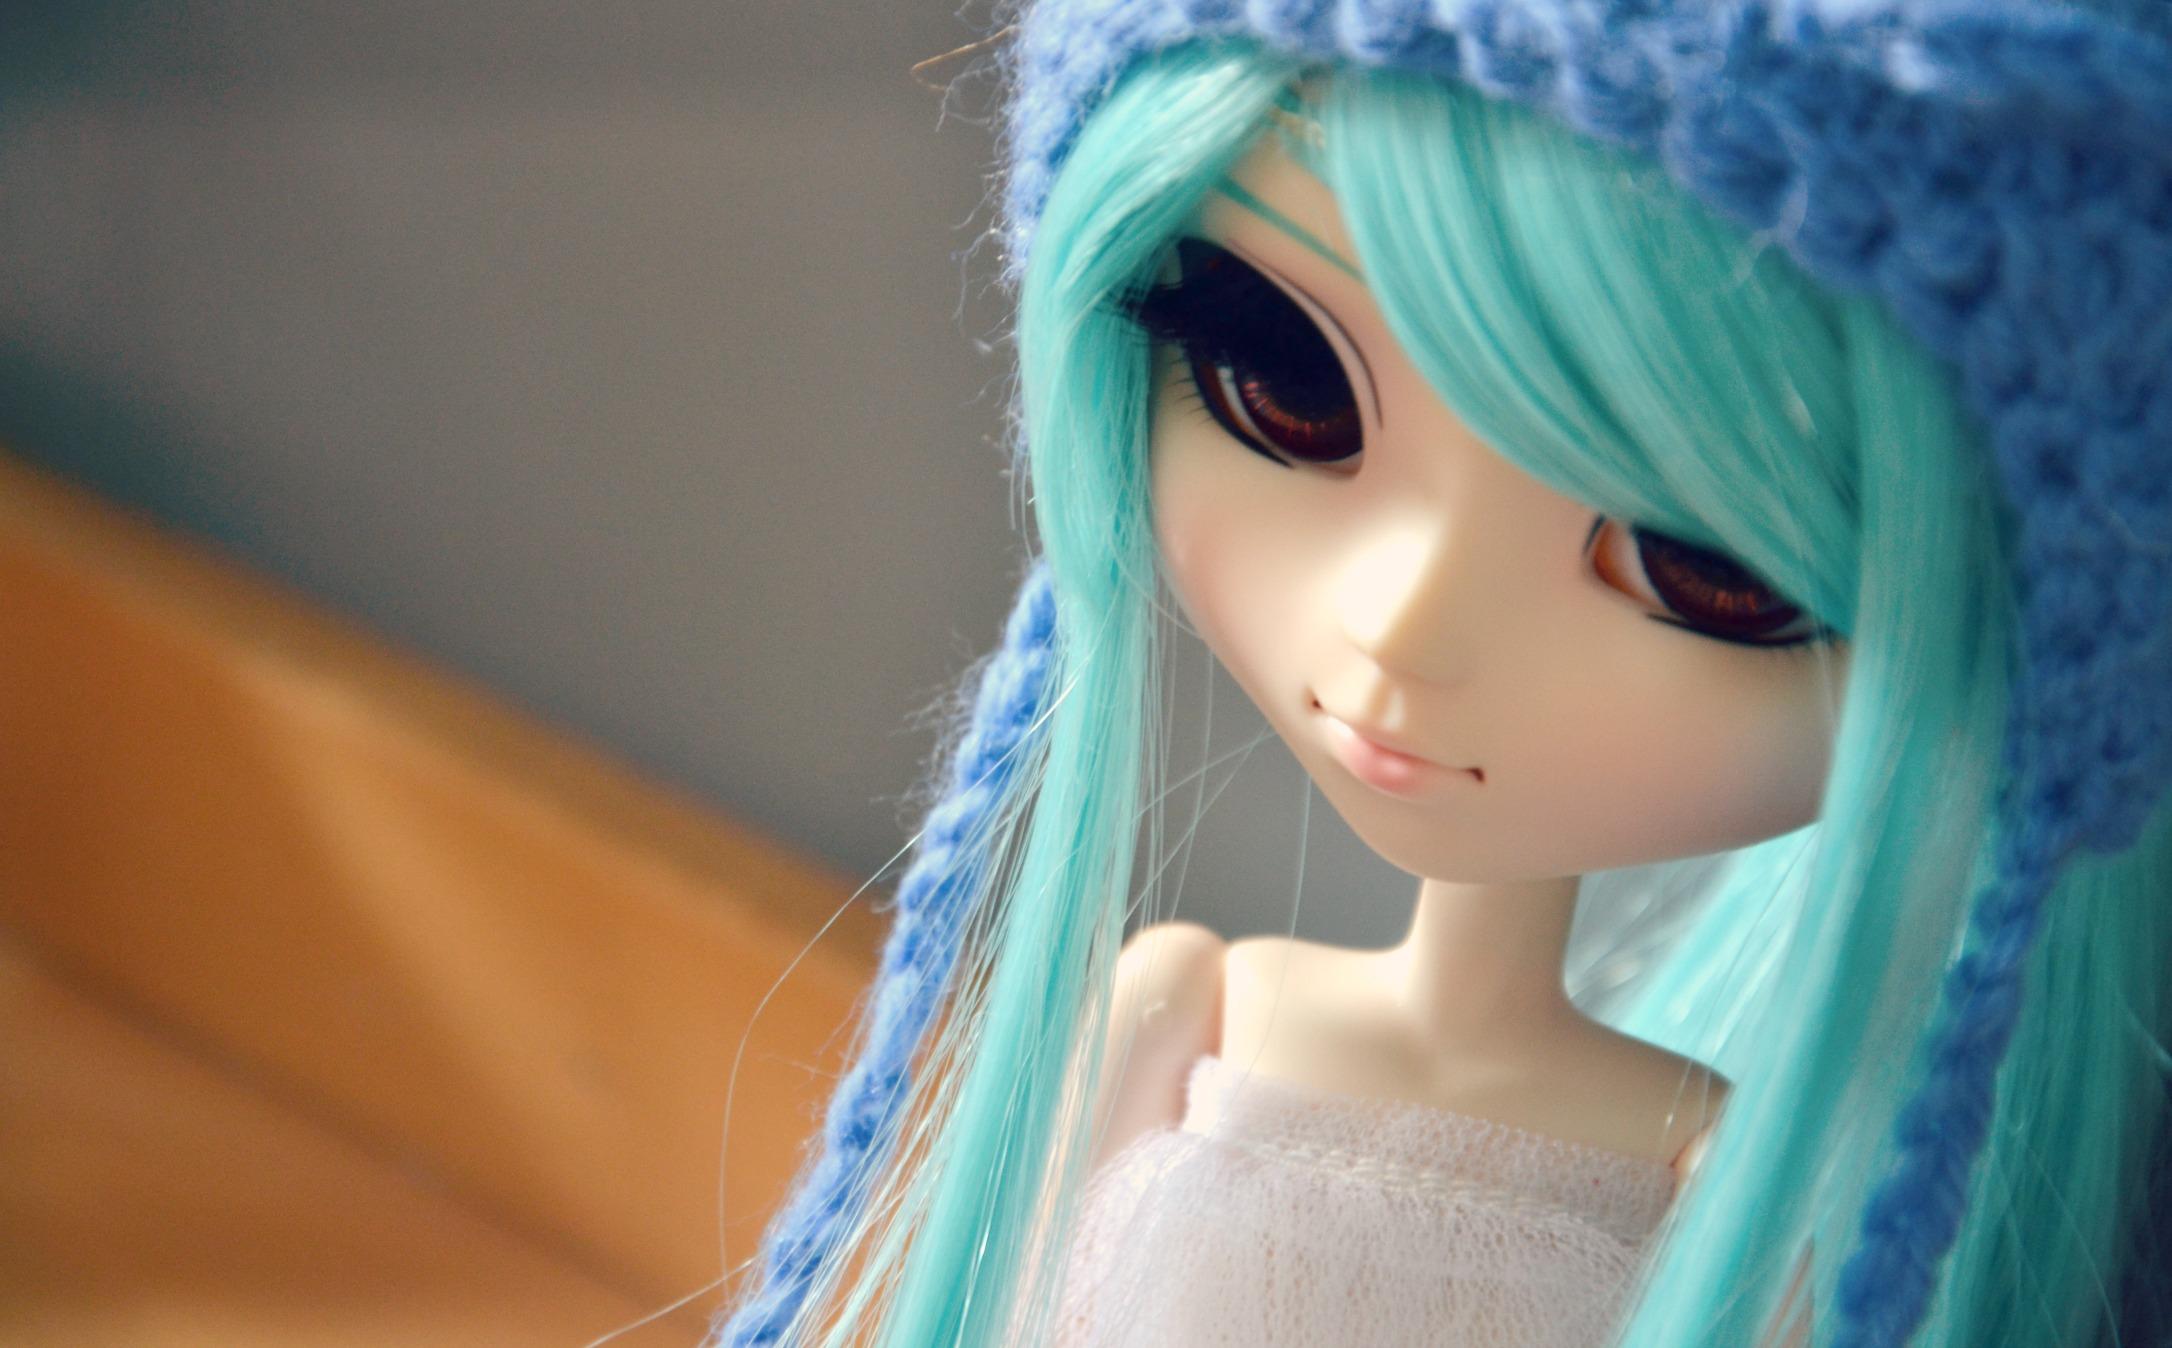 búp bê Lol phiên bản Pullip Hatsune Miku Obitsu Lại Rechipped